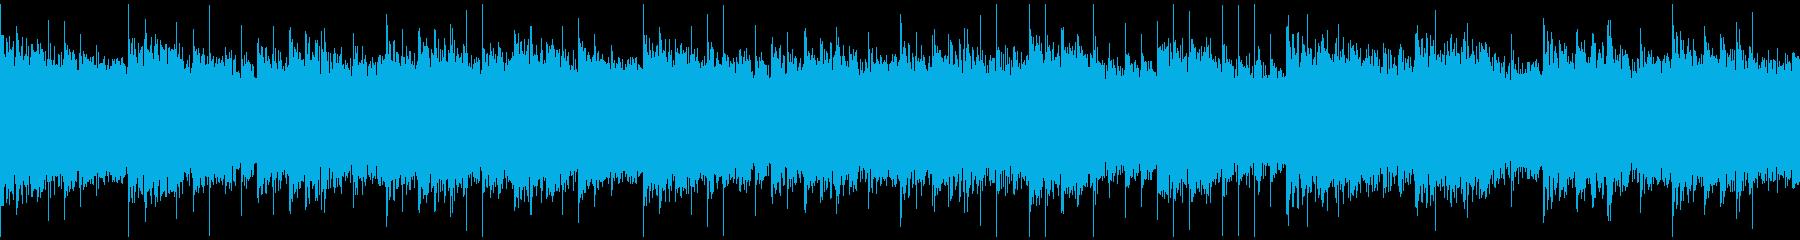 教育コンテンツ向け_07(ループ)の再生済みの波形